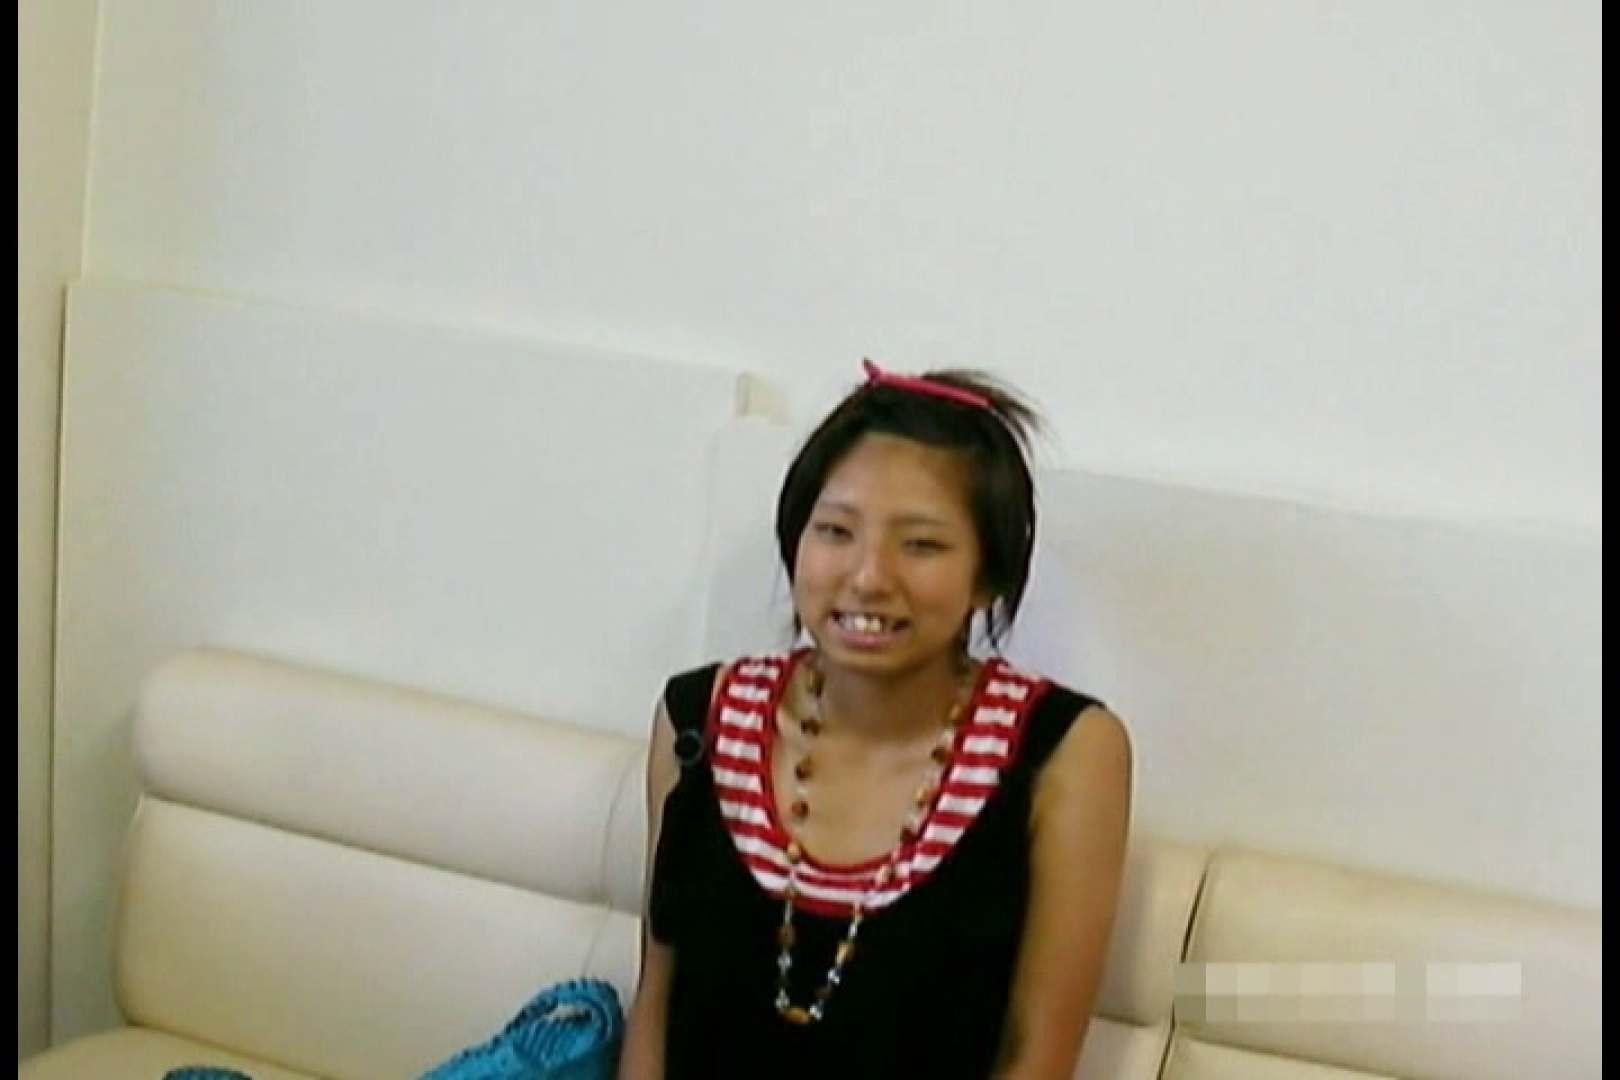 素人撮影 下着だけの撮影のはずが・・・エミちゃん18歳 おっぱい娘 おまんこ動画流出 105連発 4